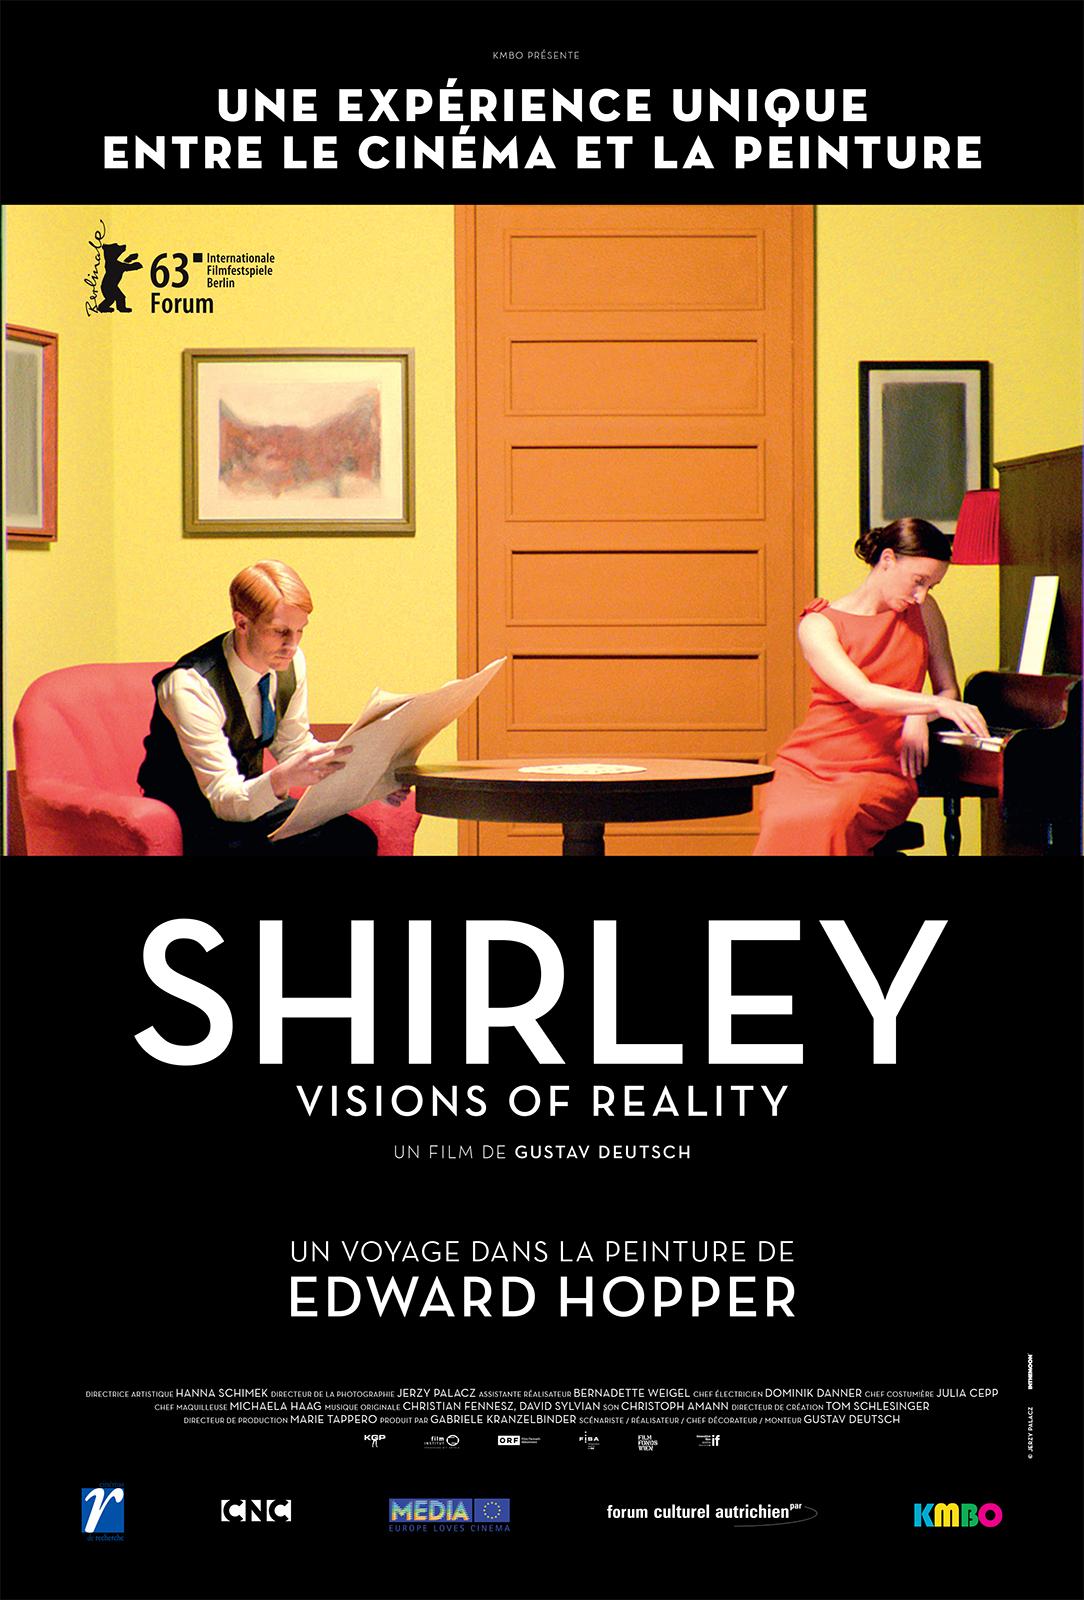 Shirley, un voyage dans la peinture d'Edward Hopper - film 2013 - AlloCiné